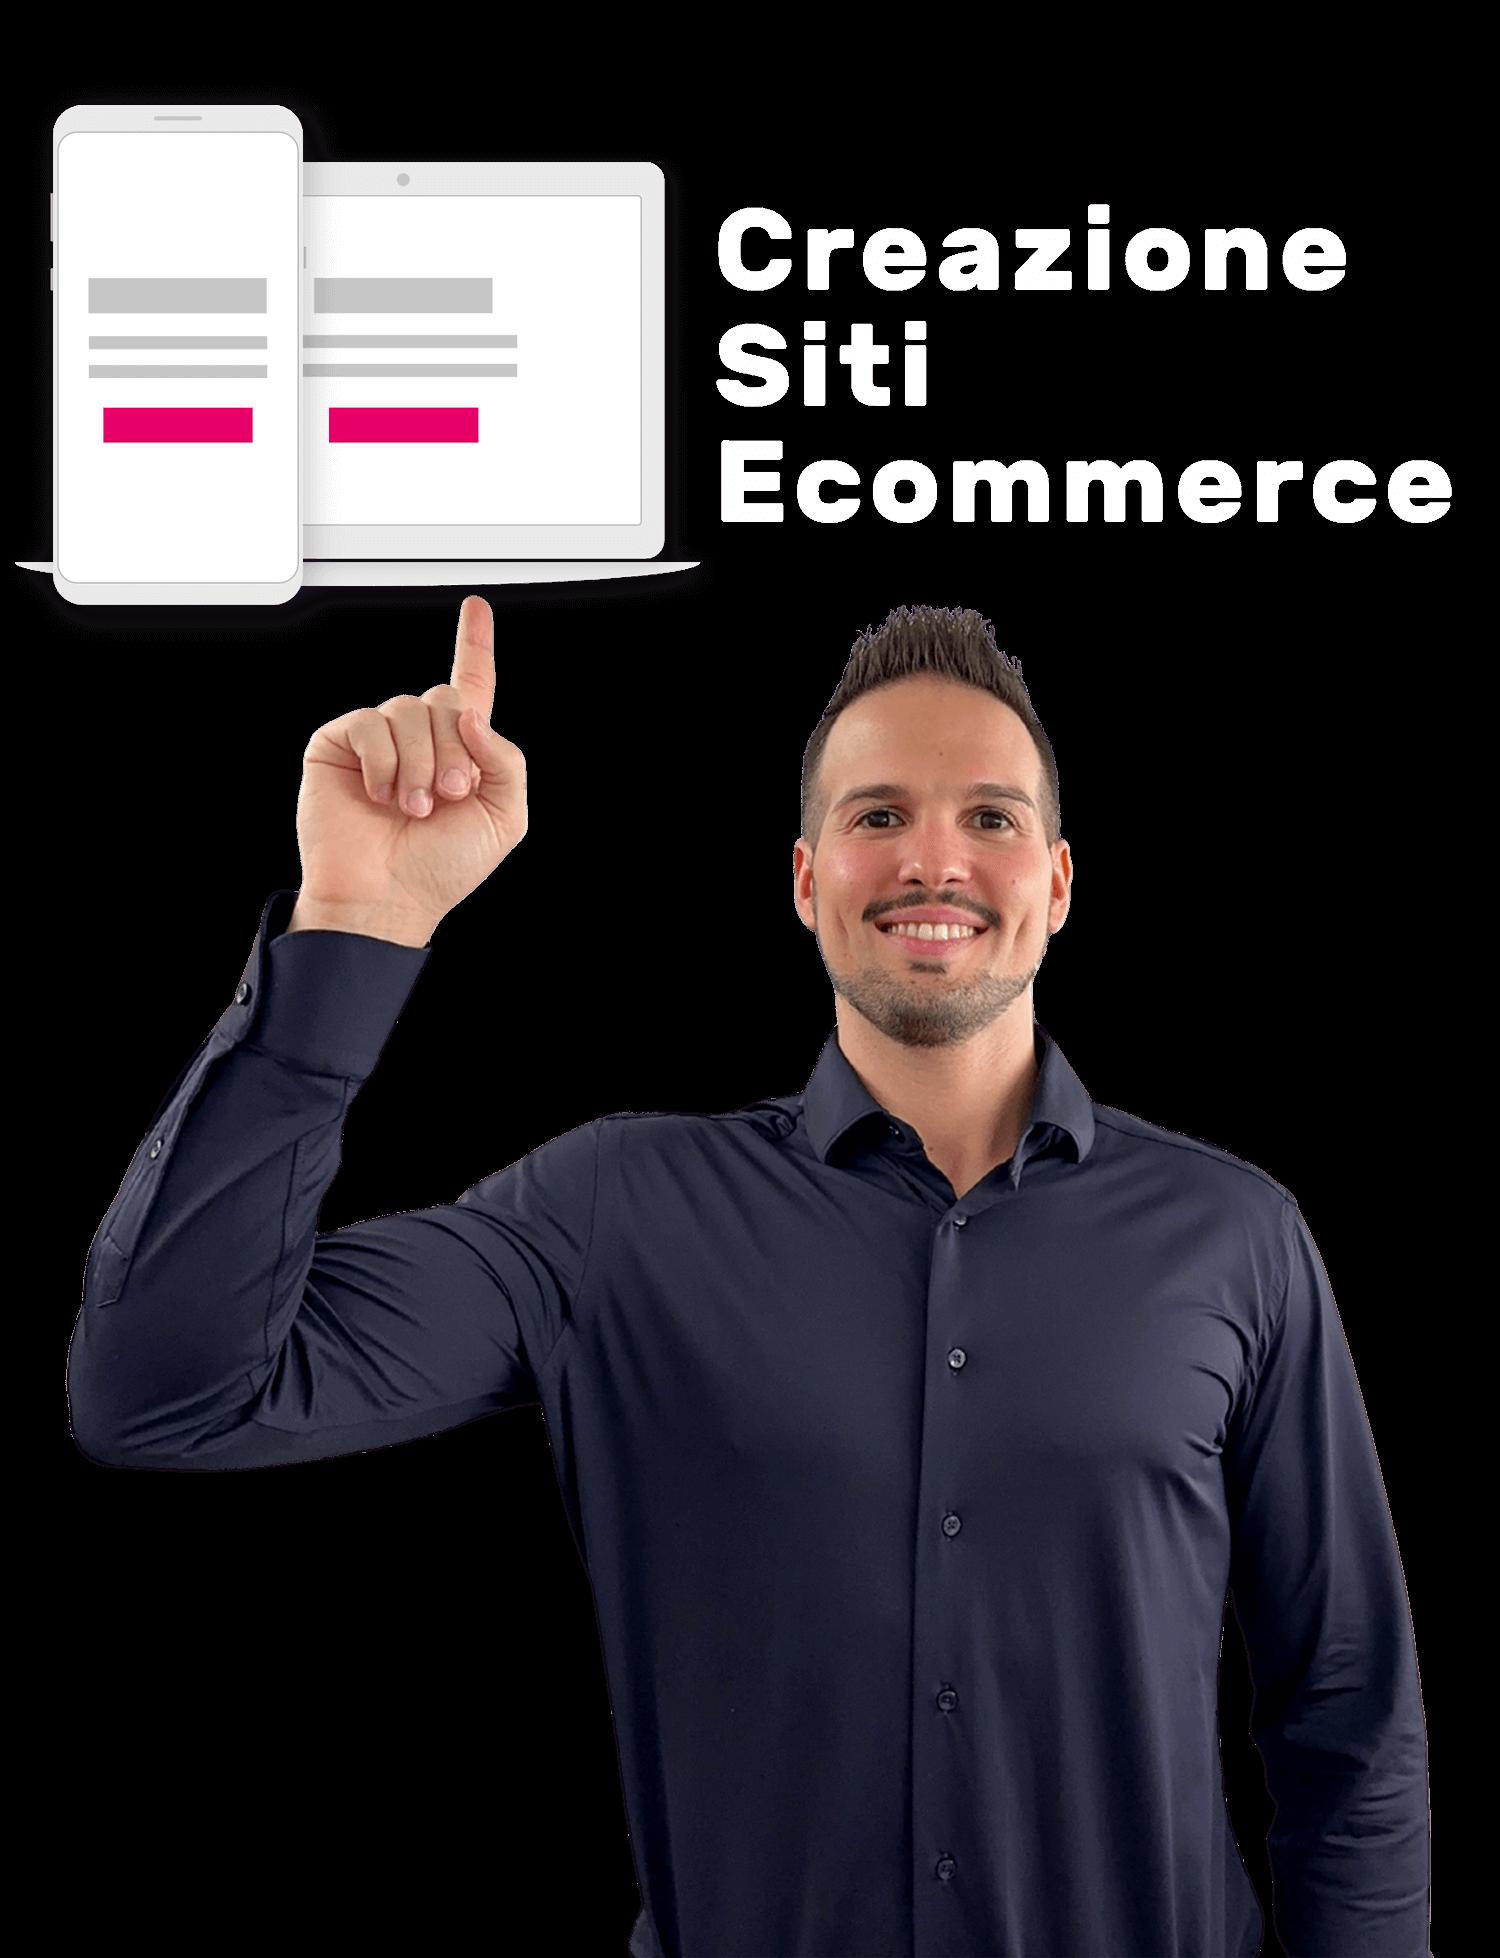 Davide-Armari-Creazione-Siti-E-Commerce-1